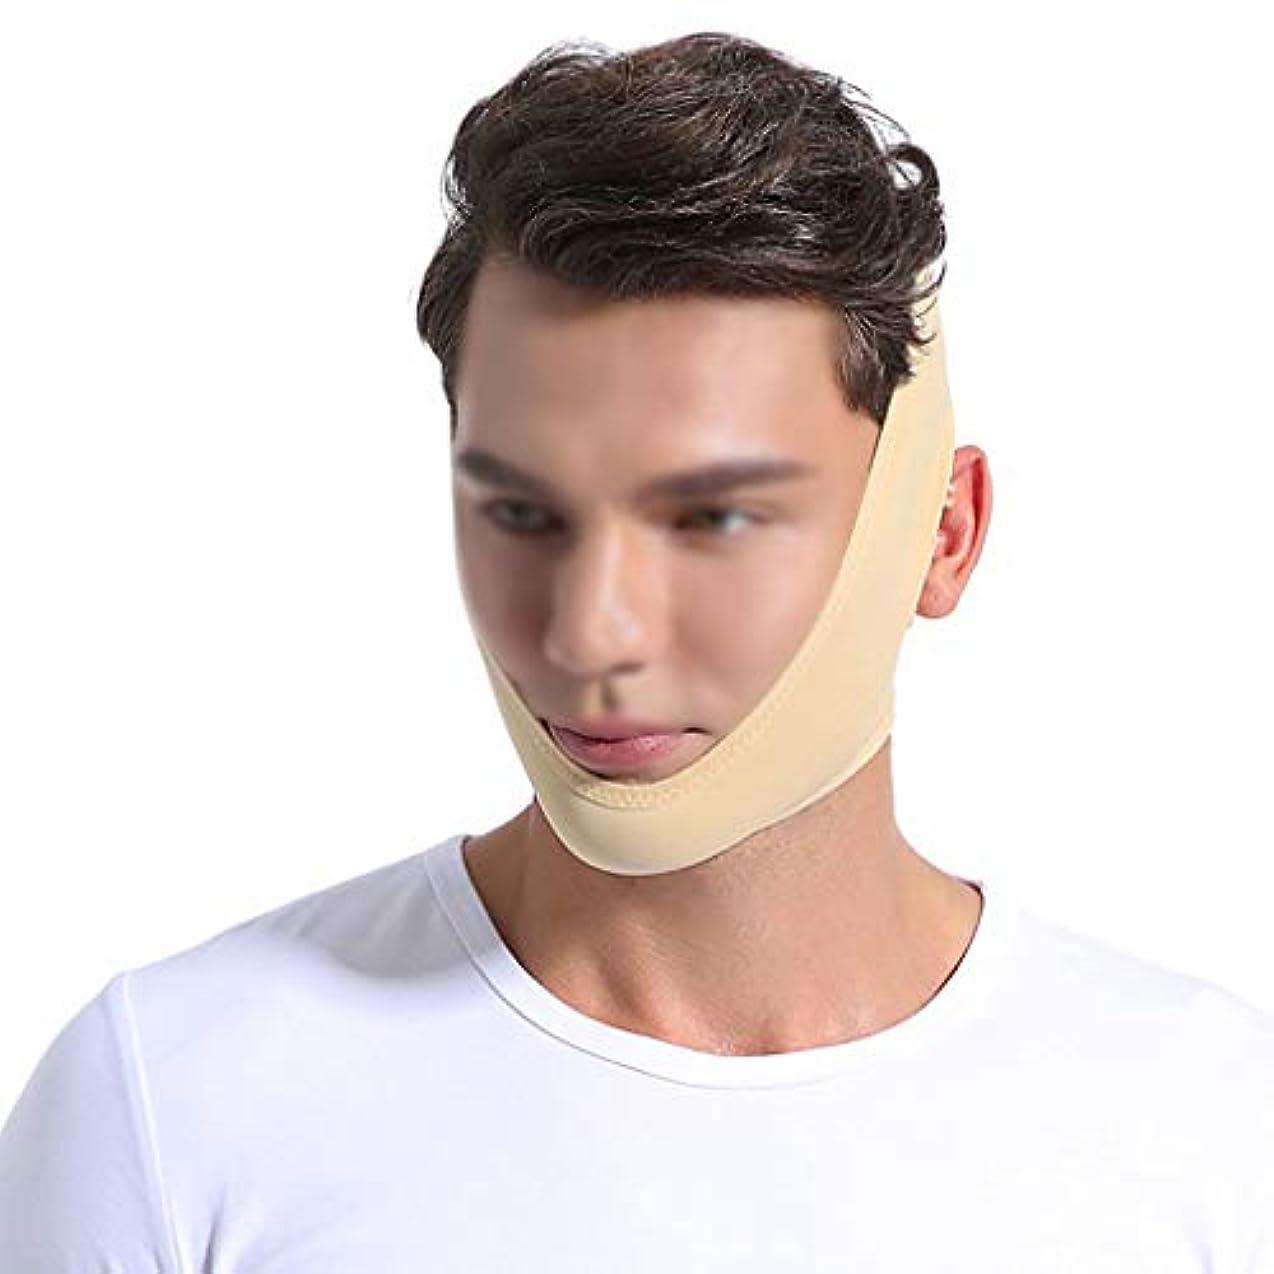 コマンド次へトレーダー医療ワイヤーカービング、男性と女性の顔の弾性包帯ヘッドギア結ばれた小さなV顔薄いフェイスマスクを結んだ後リフティングマスクを再開